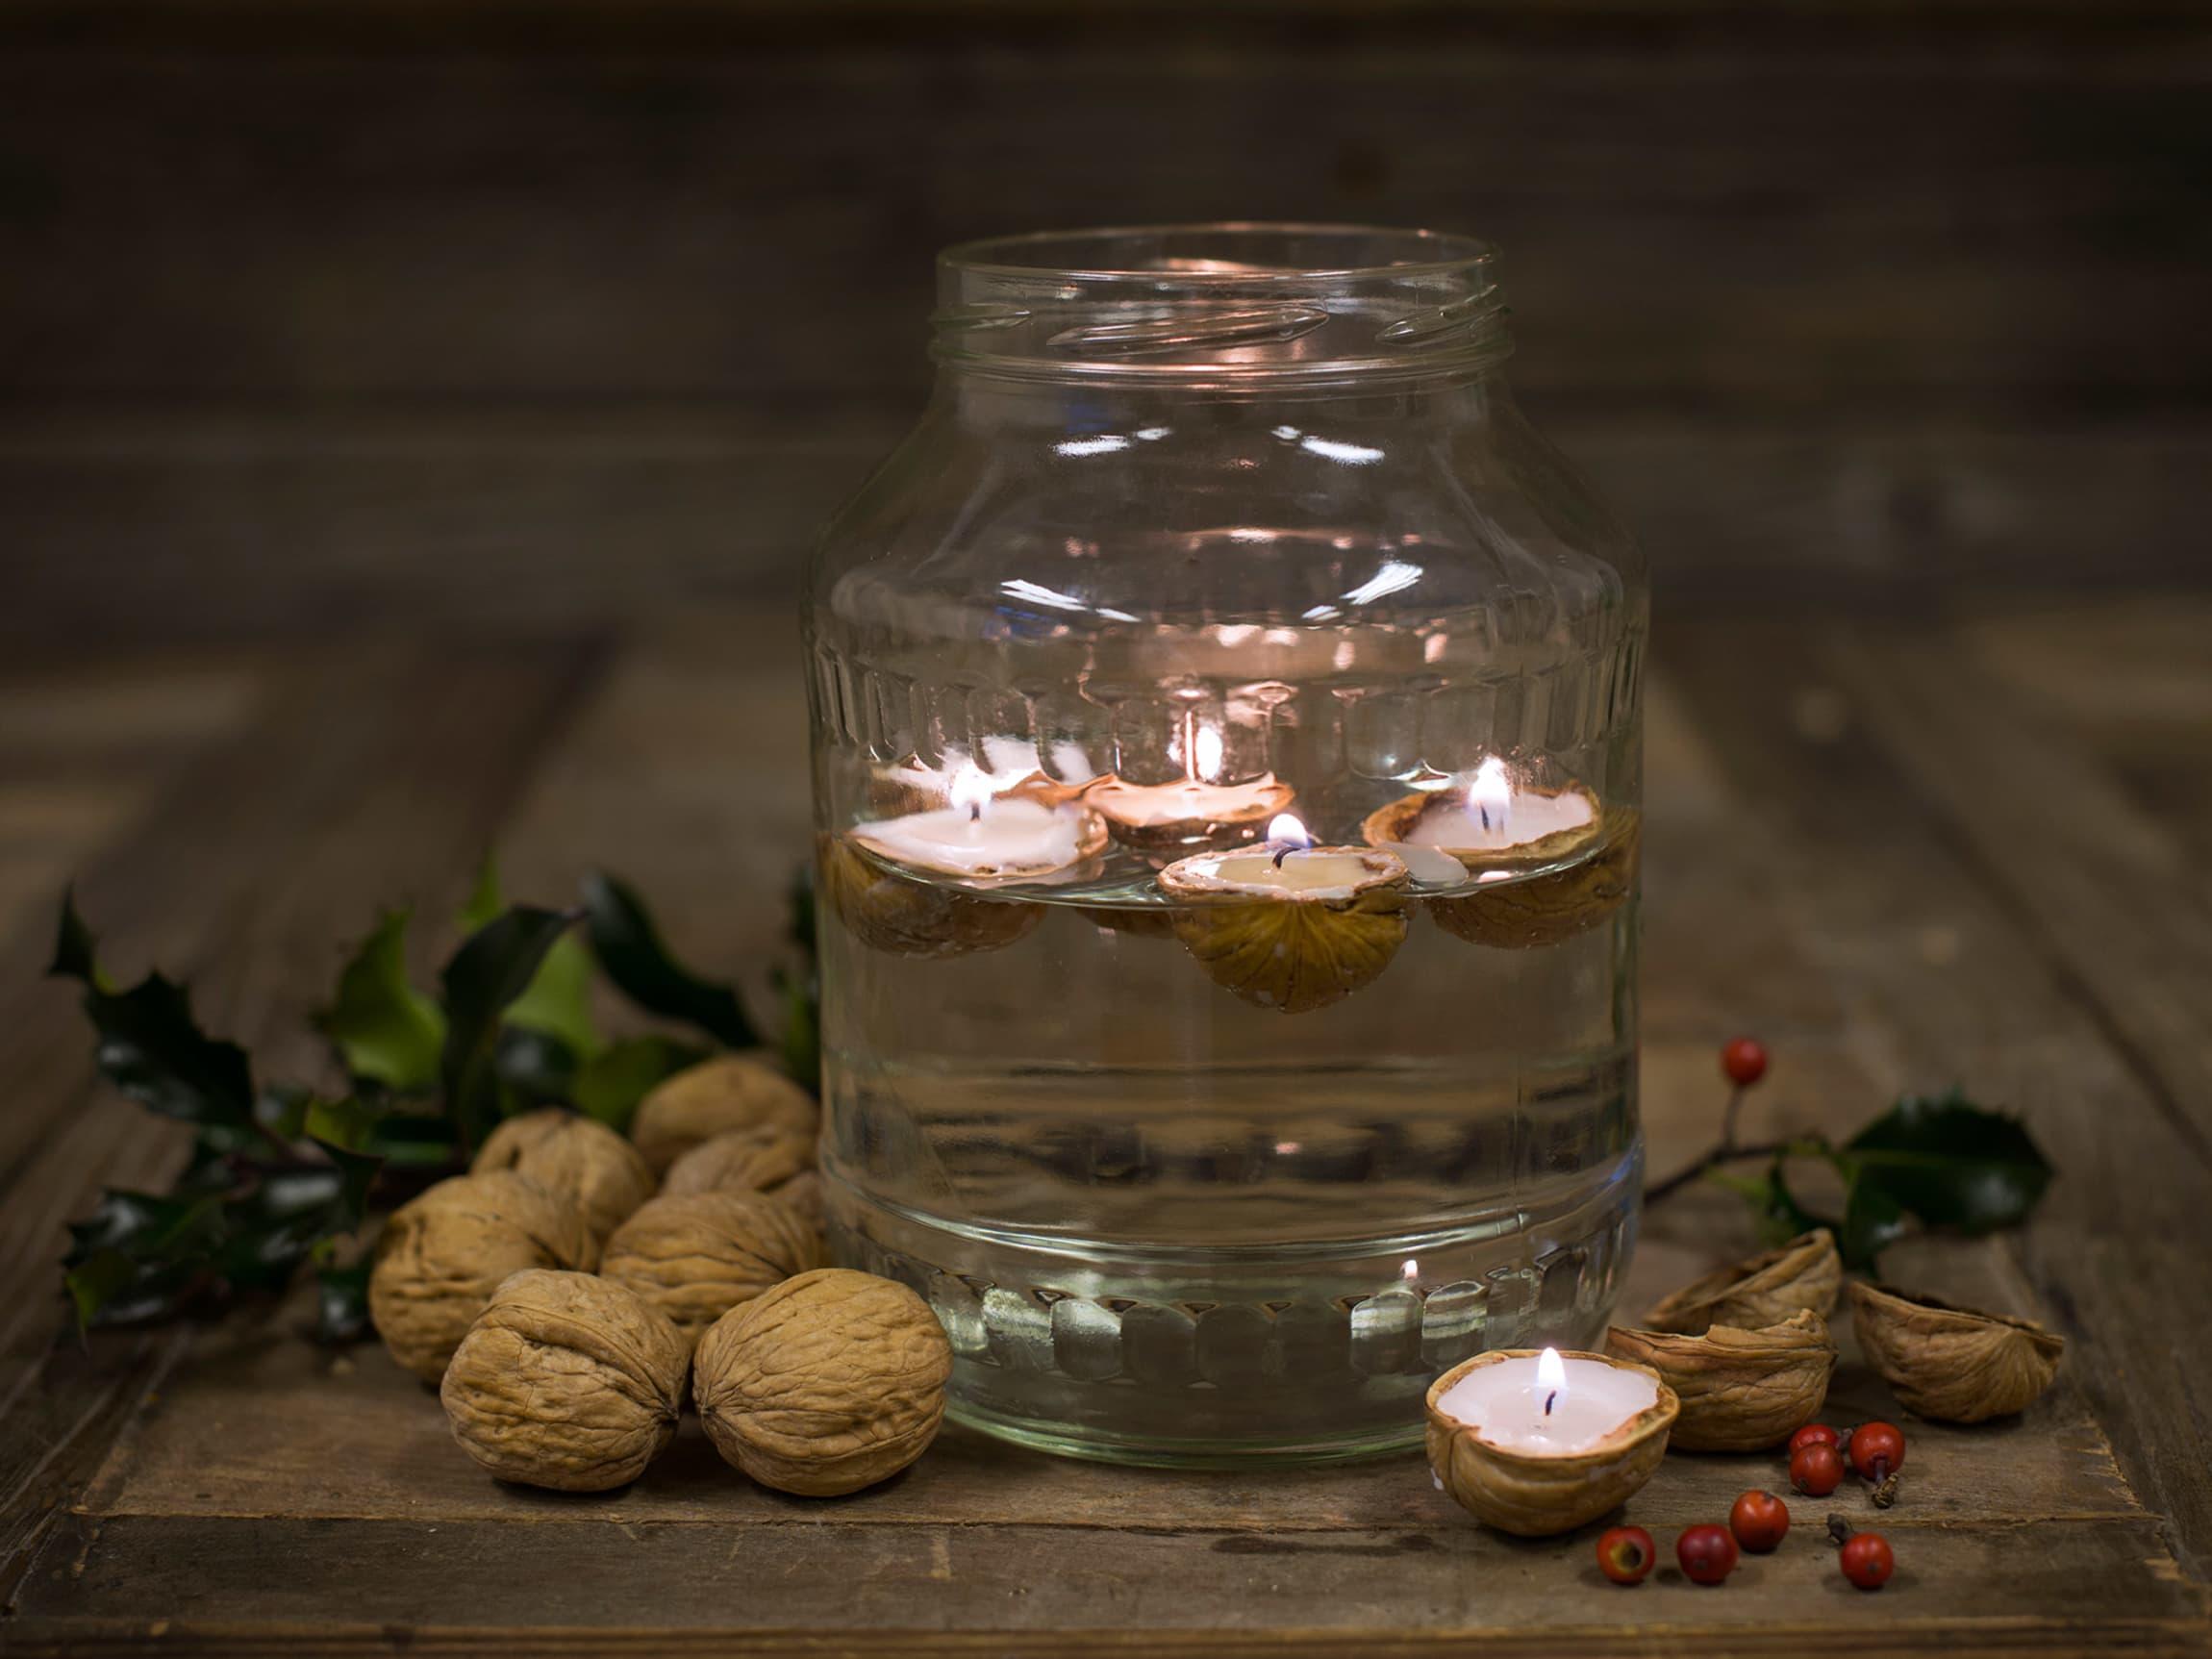 Slik lager du stemningsfulle julelys